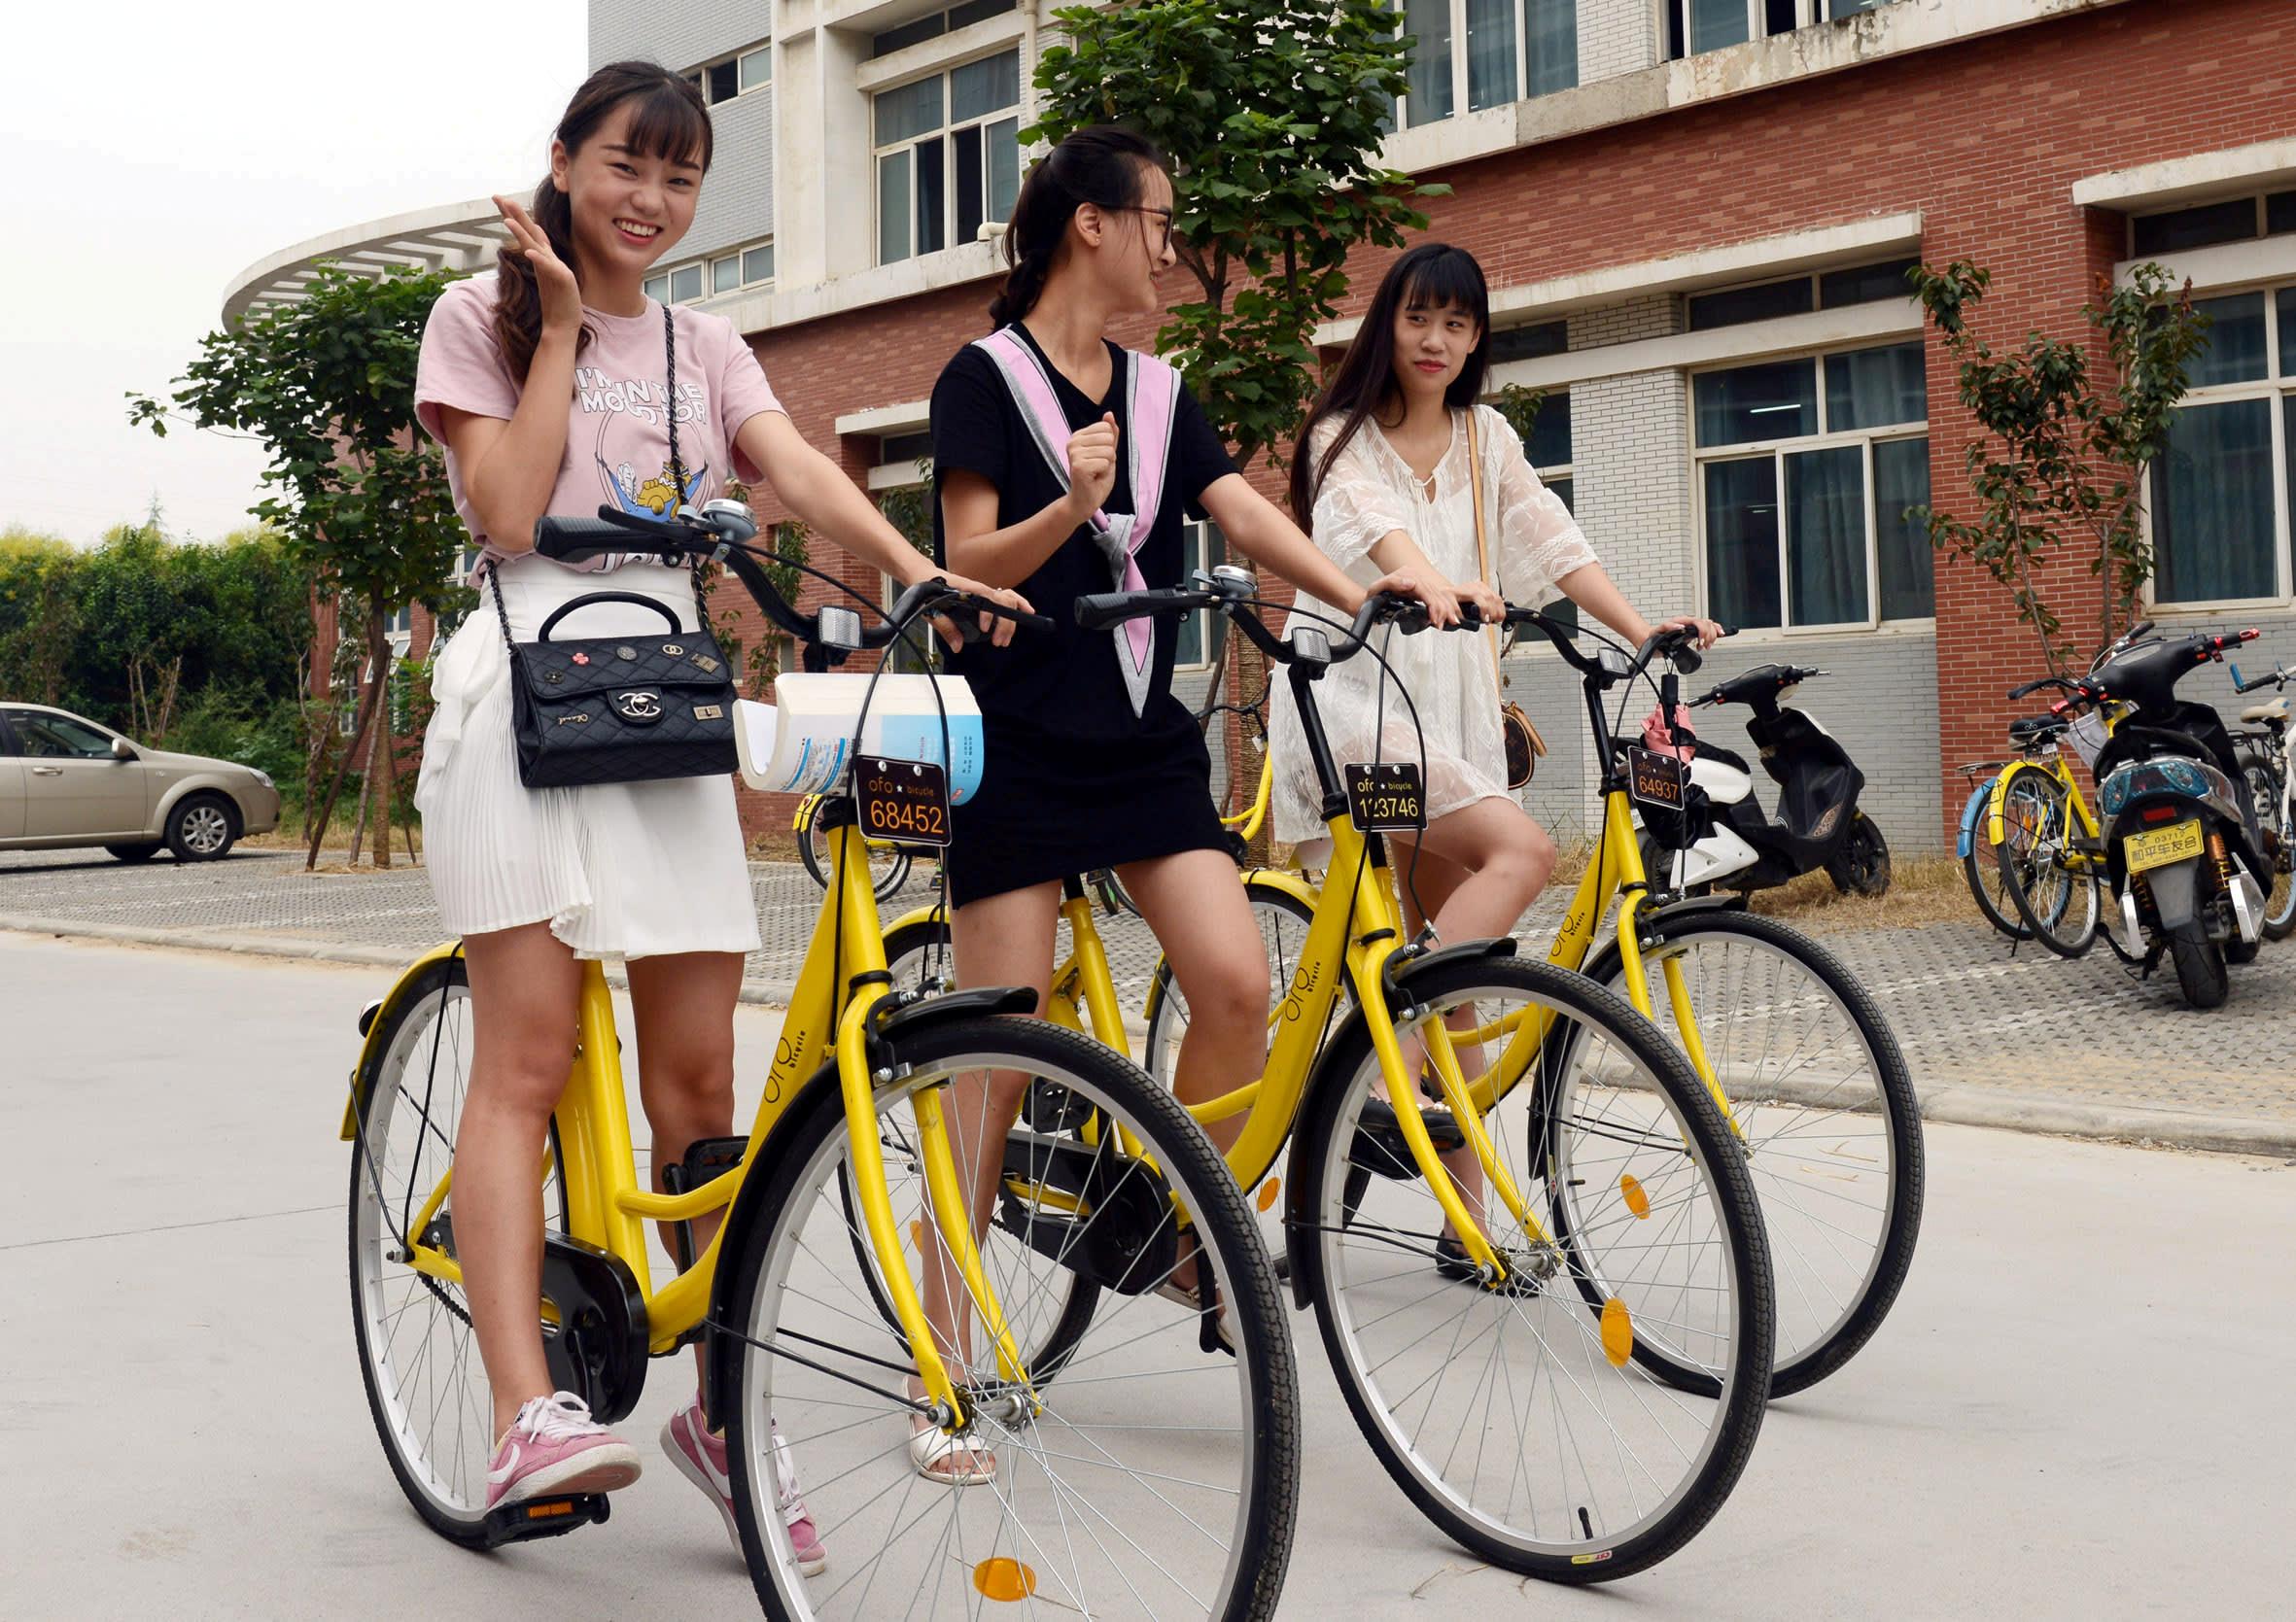 ONI KOJI PREKRŠE PRAVILA IDU NA KURS ILI PLAĆAJU KAZNU! Japanci će kažnjavati bicikliste koji bespotrebno zvone